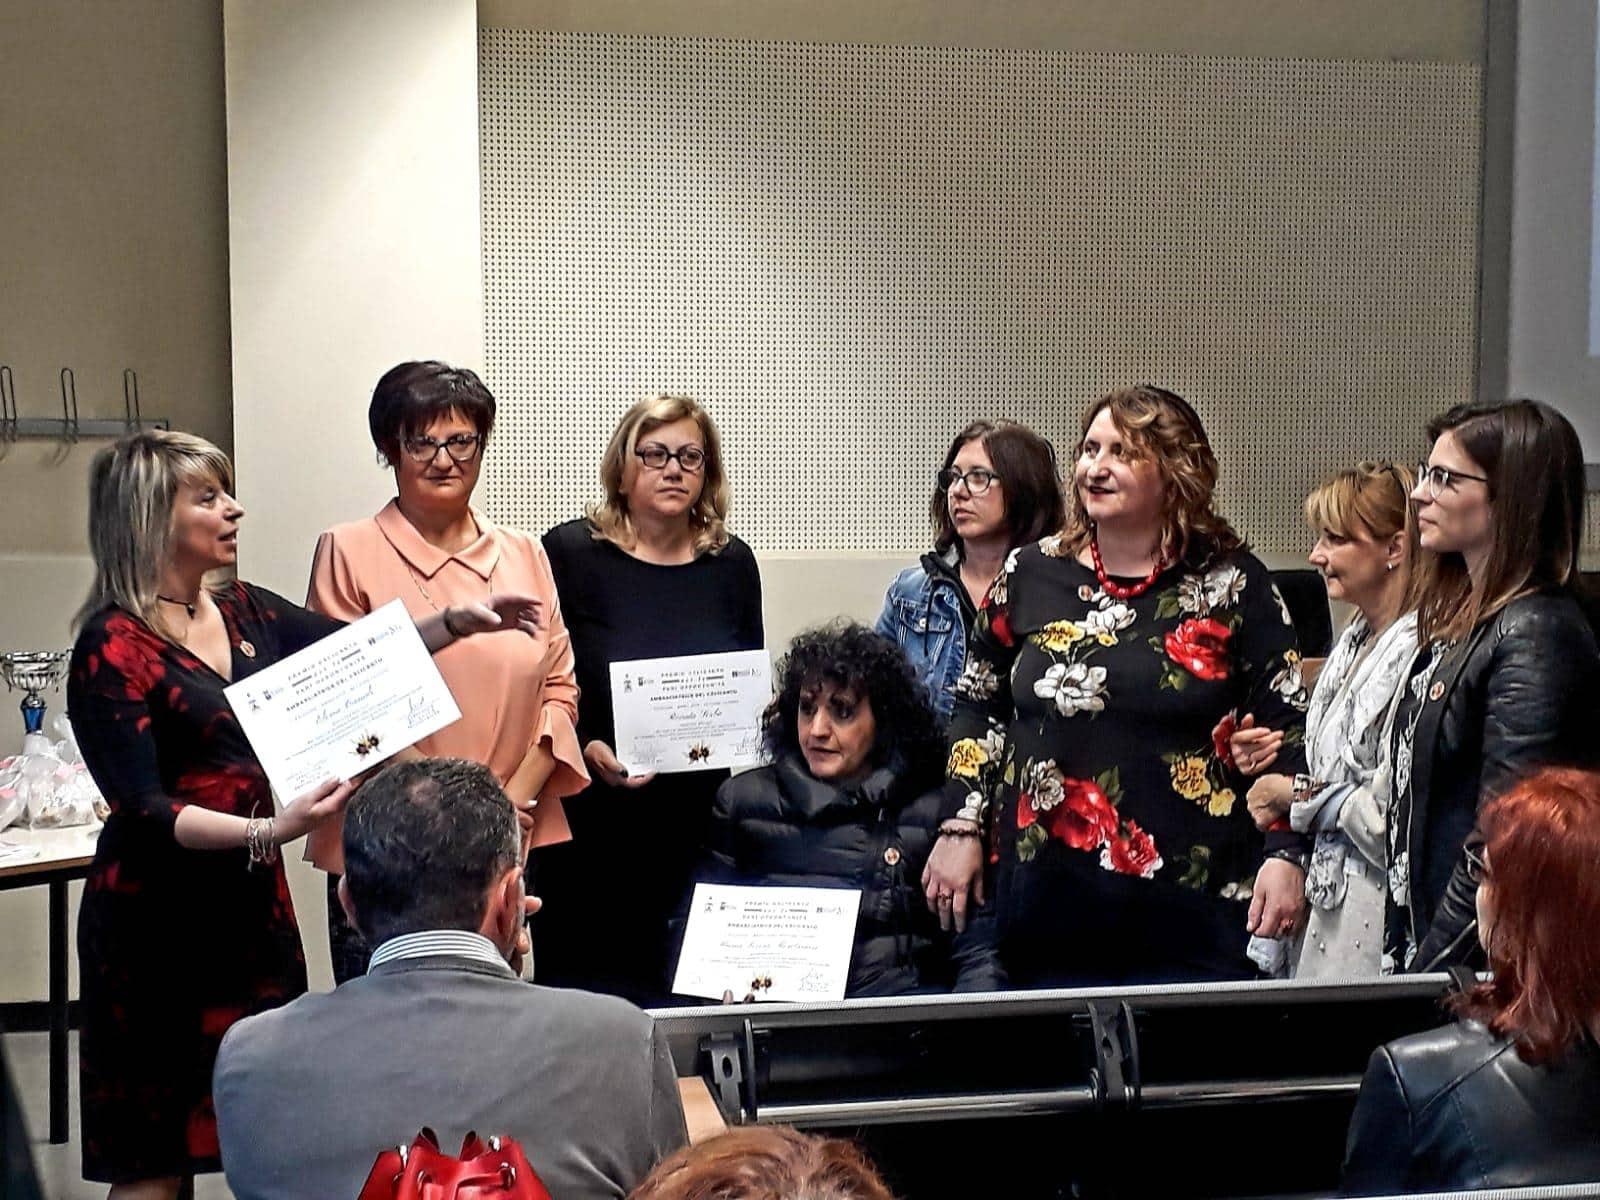 premio calicanto per la pari opportunità disabilità